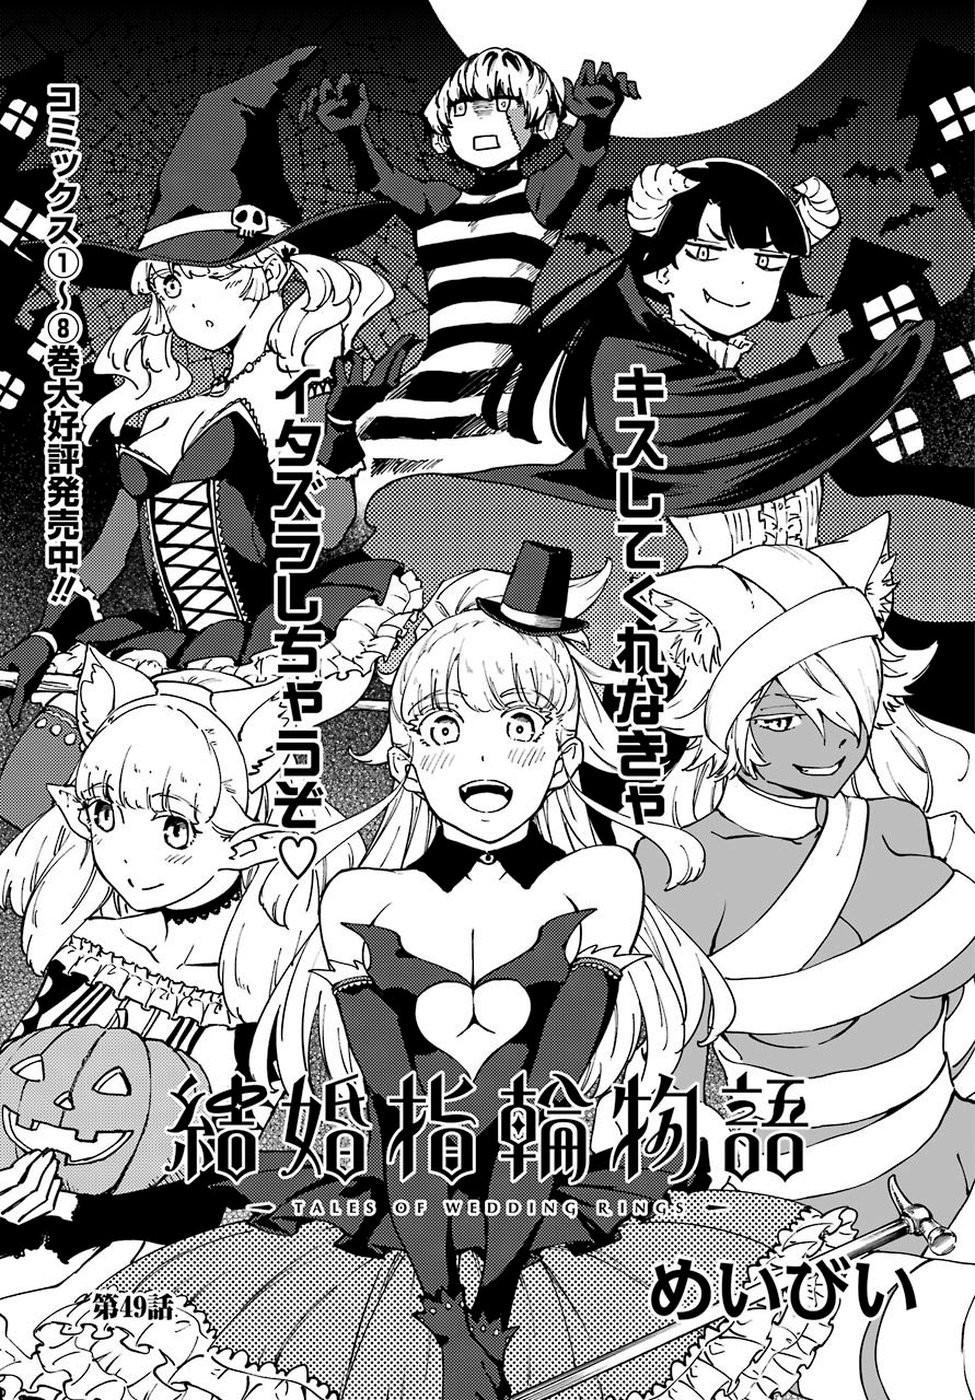 Kekkon-Yubiwa-Monogatari - Chapter 49 - Page 1